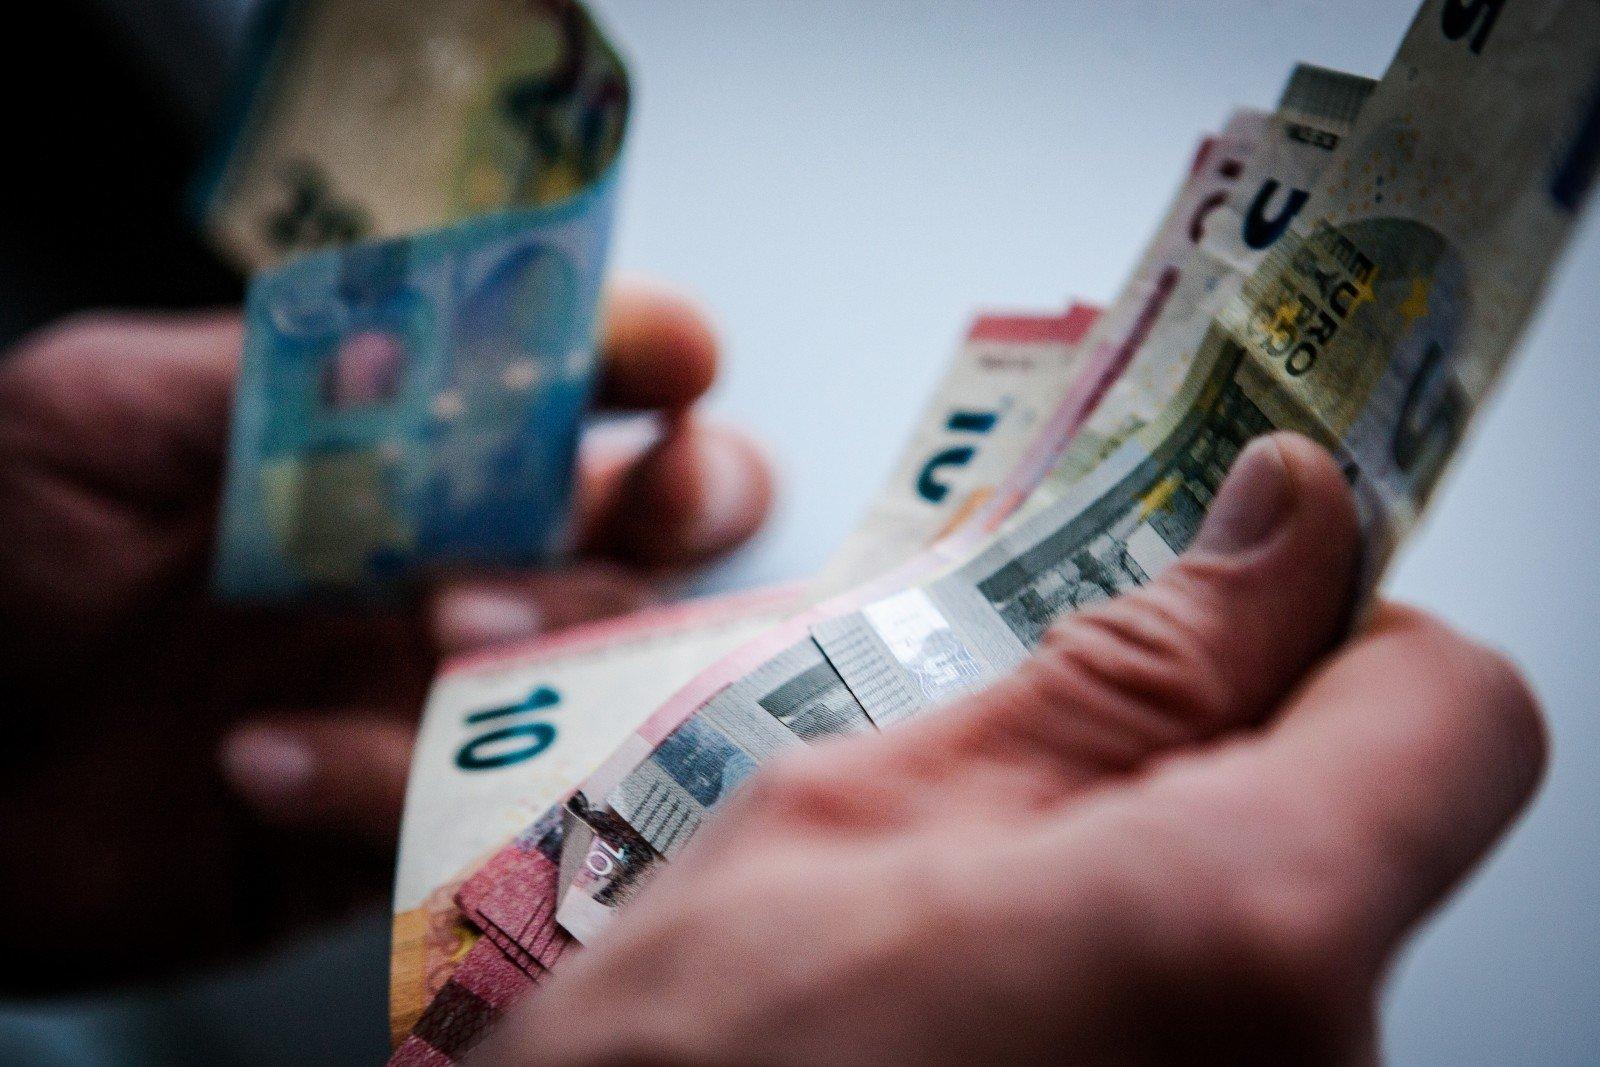 Kur investuoti pinigus metais? | Kur verta investuoti? | kaimospindulys.lt